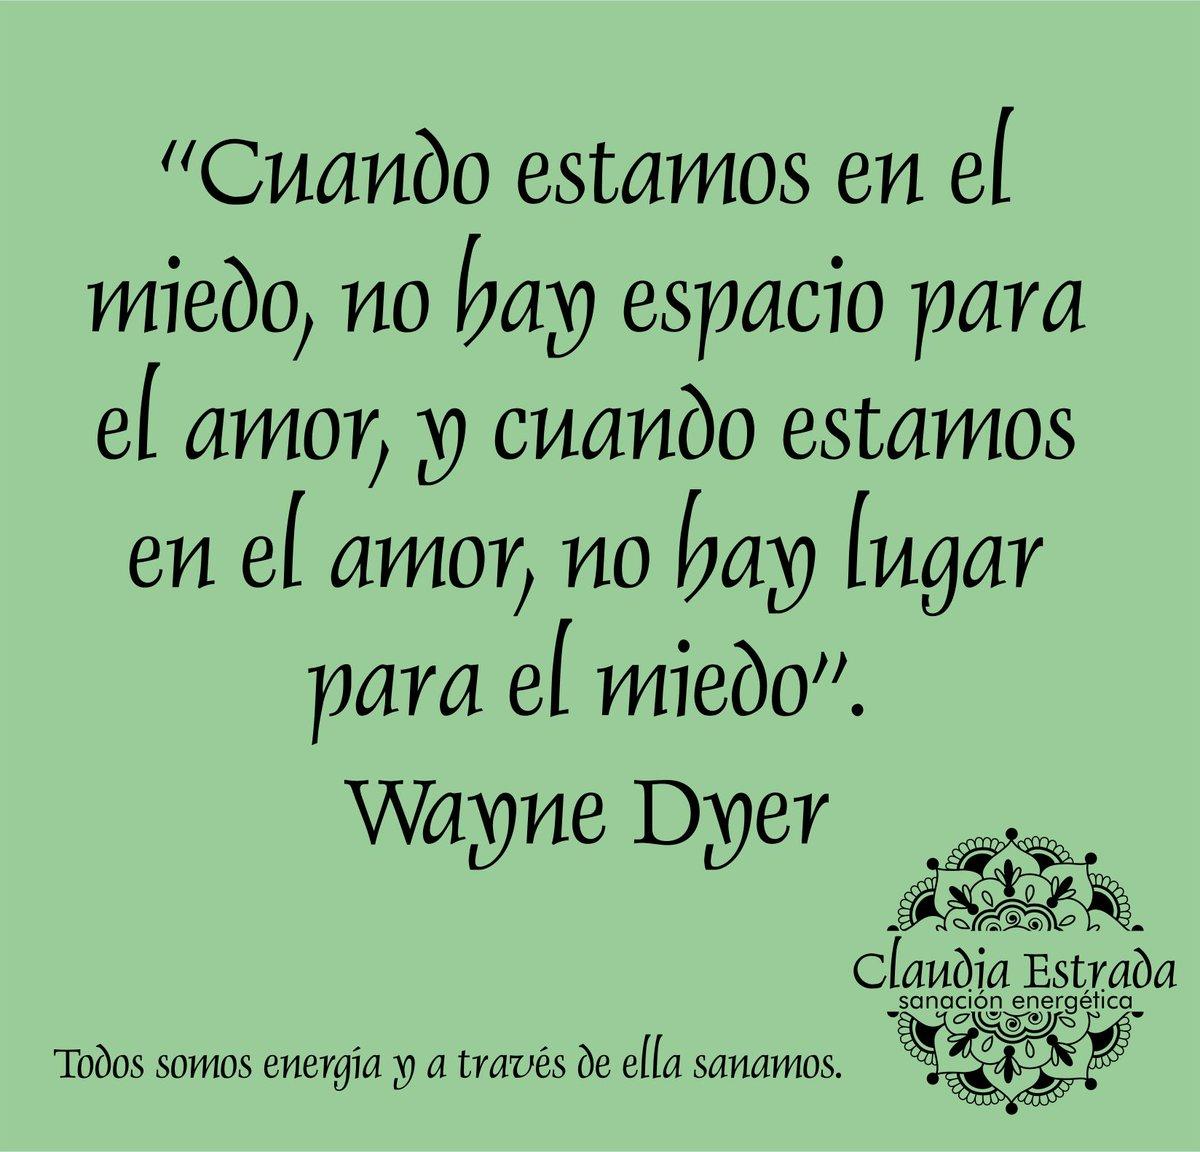 """Feliz Dia!!! …https://claudiaestrada-sanacionespiritual.blogspot.com/ """"Es tiempo de Sanar"""" #FelizDia #EstiempodeSanar #FrasedelDia #WayneDyer #FelizSabado #Sanacion #Claudiamez #Frases #FrasesCelebres #FrasesMotivadoras pic.twitter.com/yn3FYypGZj"""